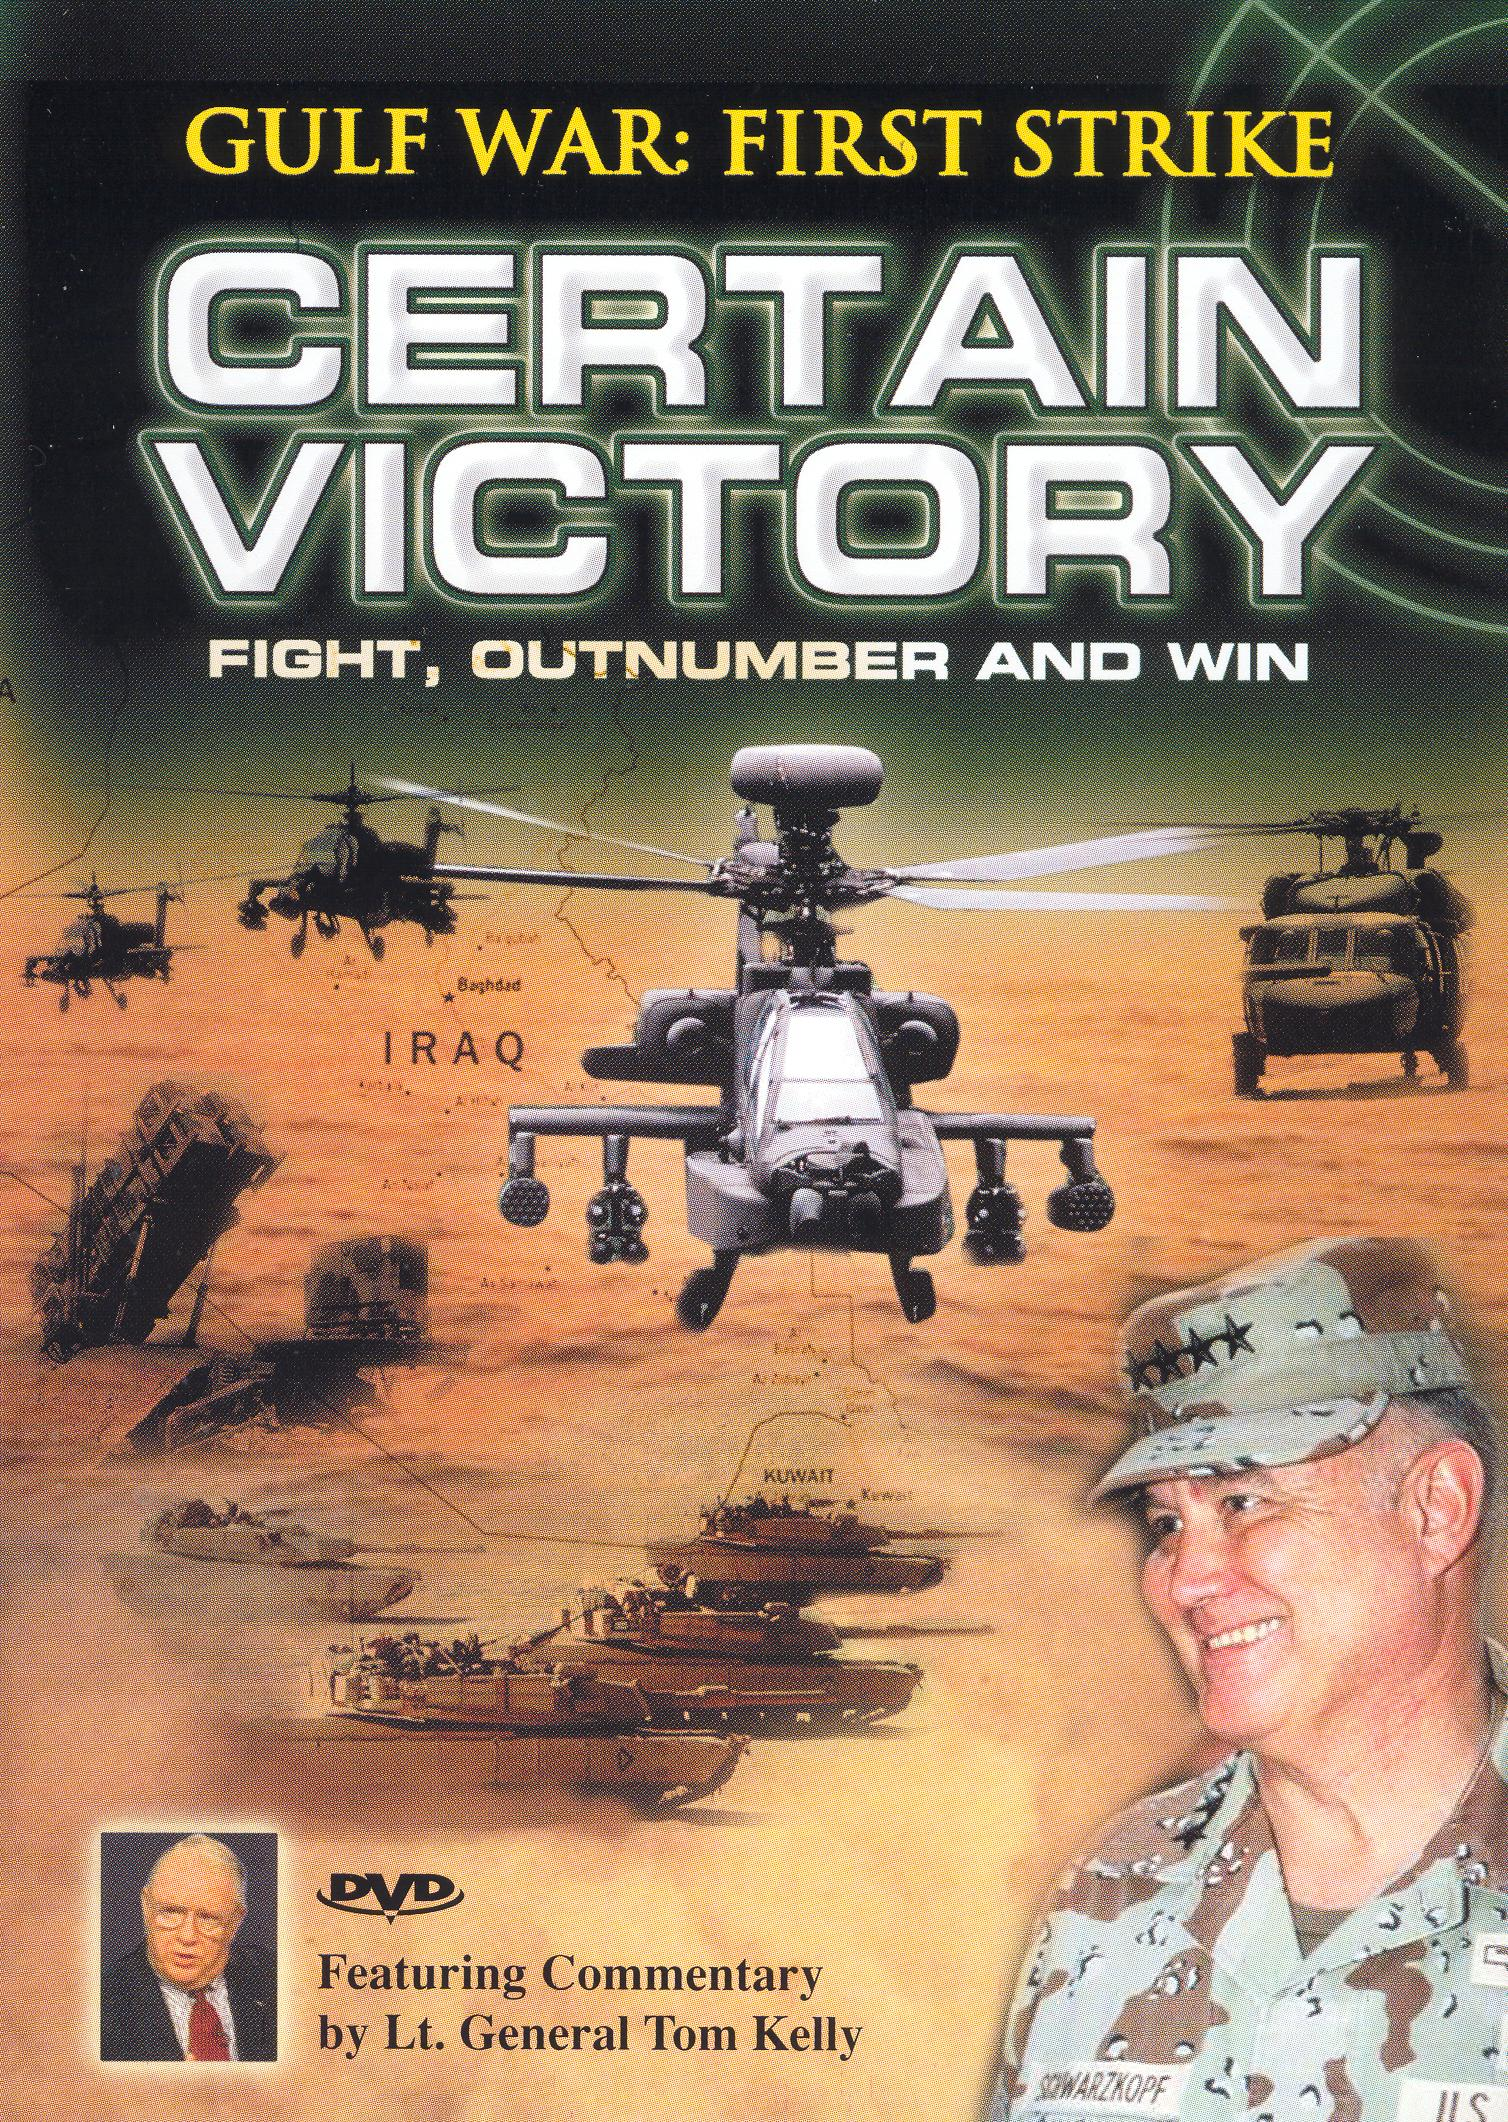 Gulf War: First Strike - Certain Victory